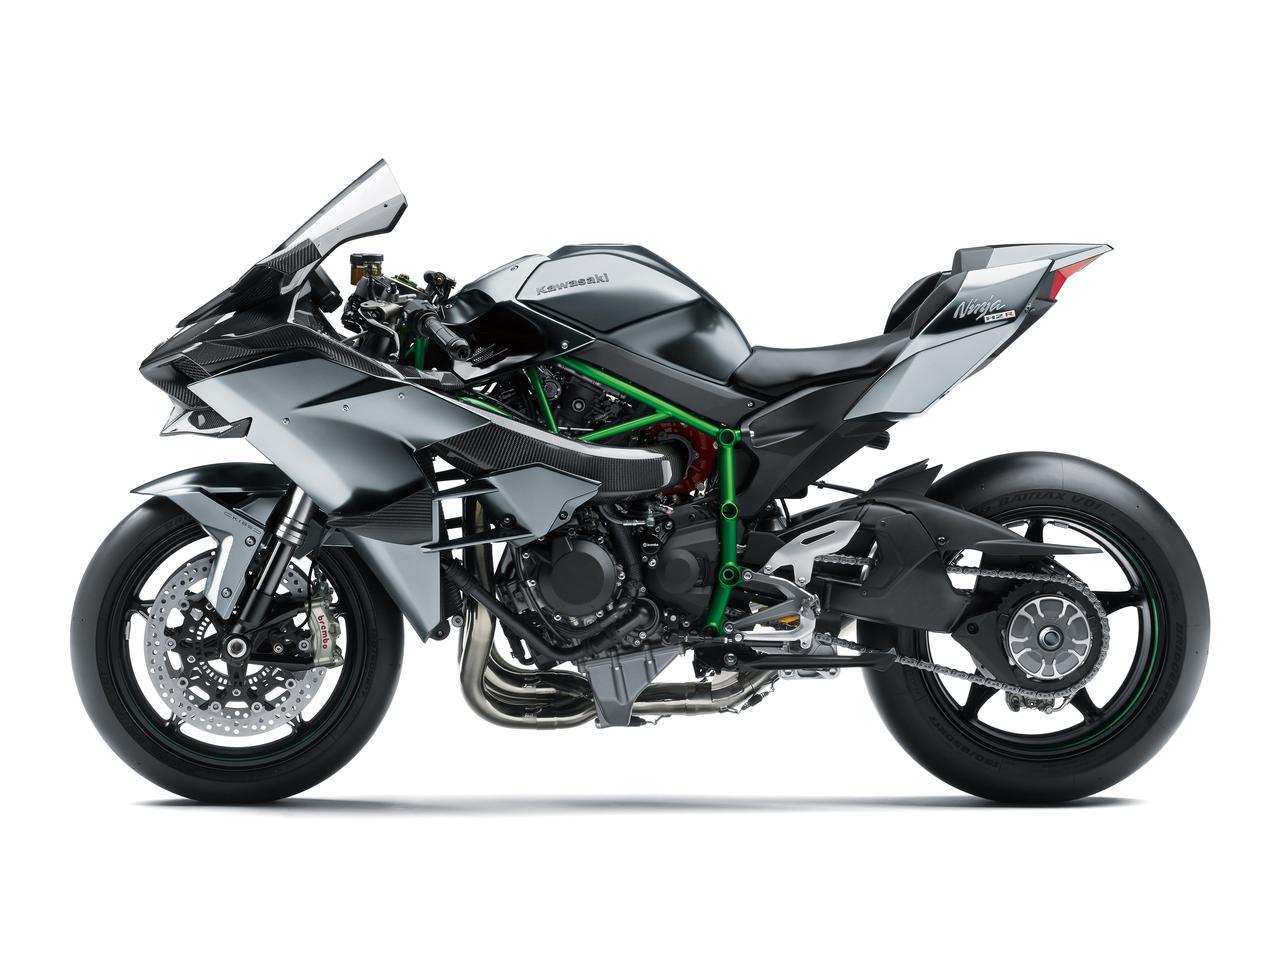 画像2: カワサキが2020年モデルの「Ninja H2R」を受注生産で特別販売!受付期間は2019年11月15日~12月13日